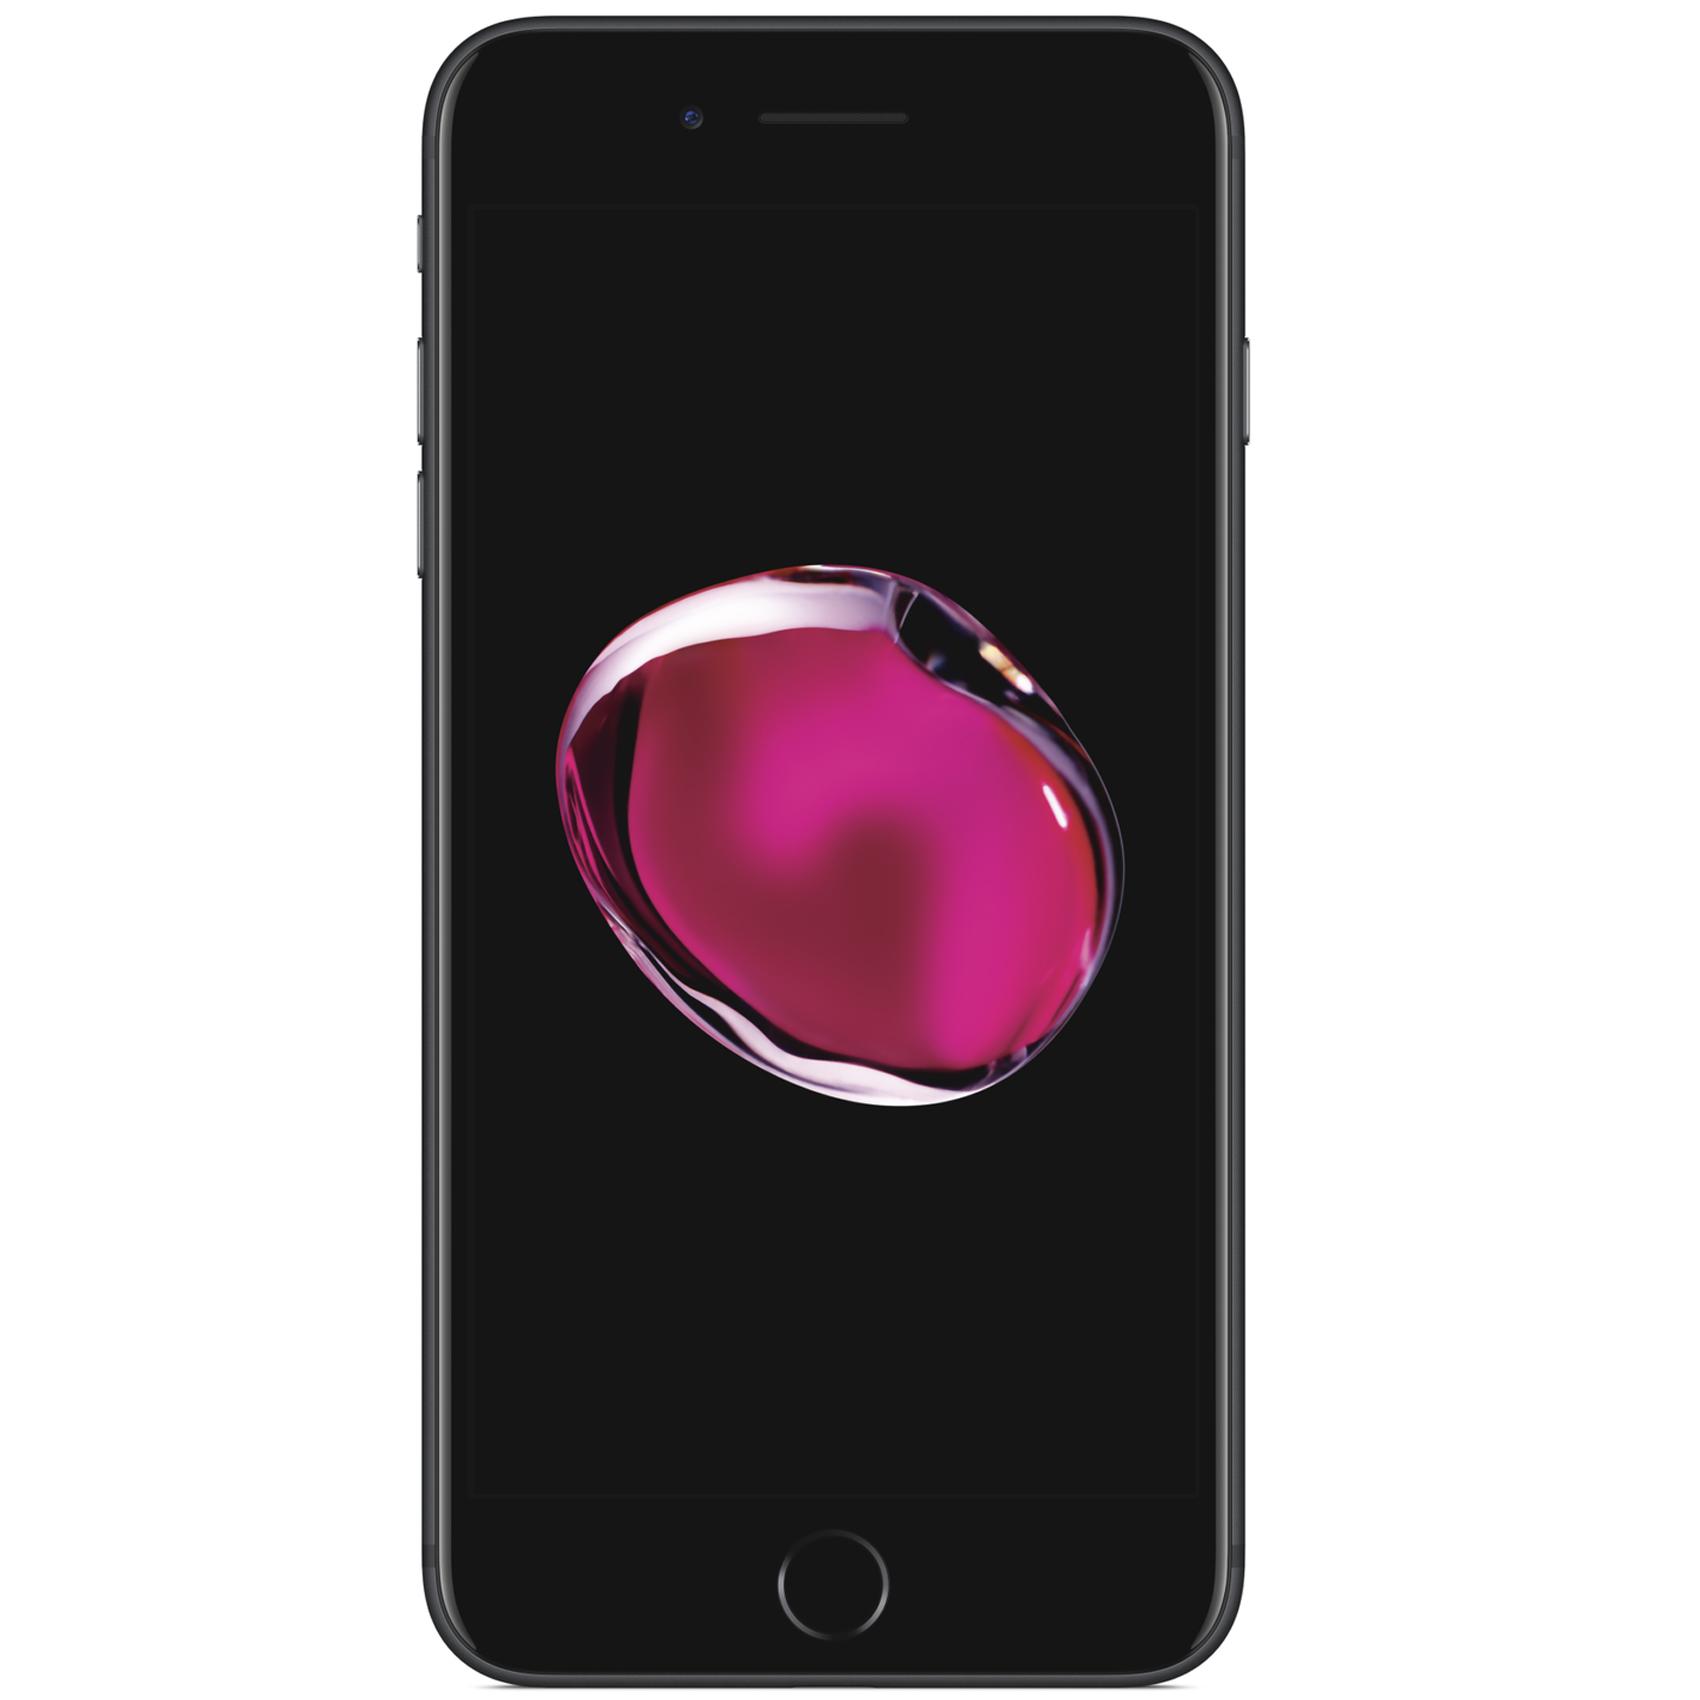 APPLE IPHONE 7P 128GB BLACK